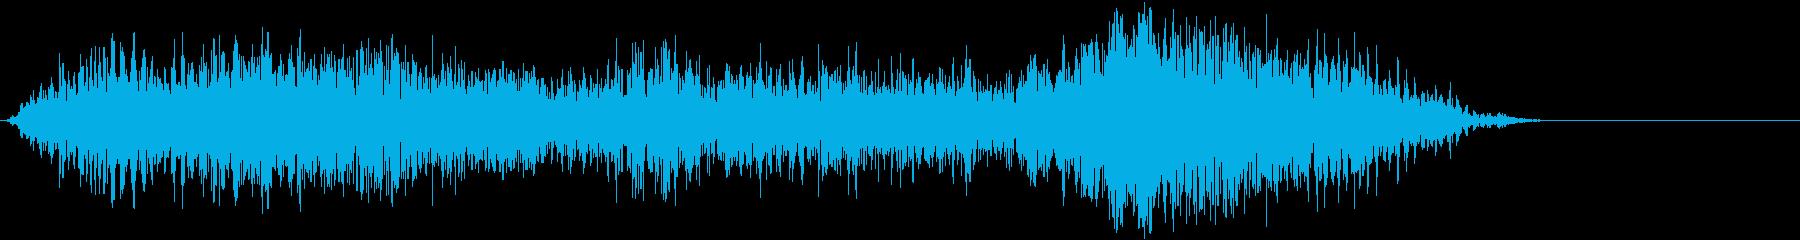 ドライアイス;不気味なローエンドメ...の再生済みの波形